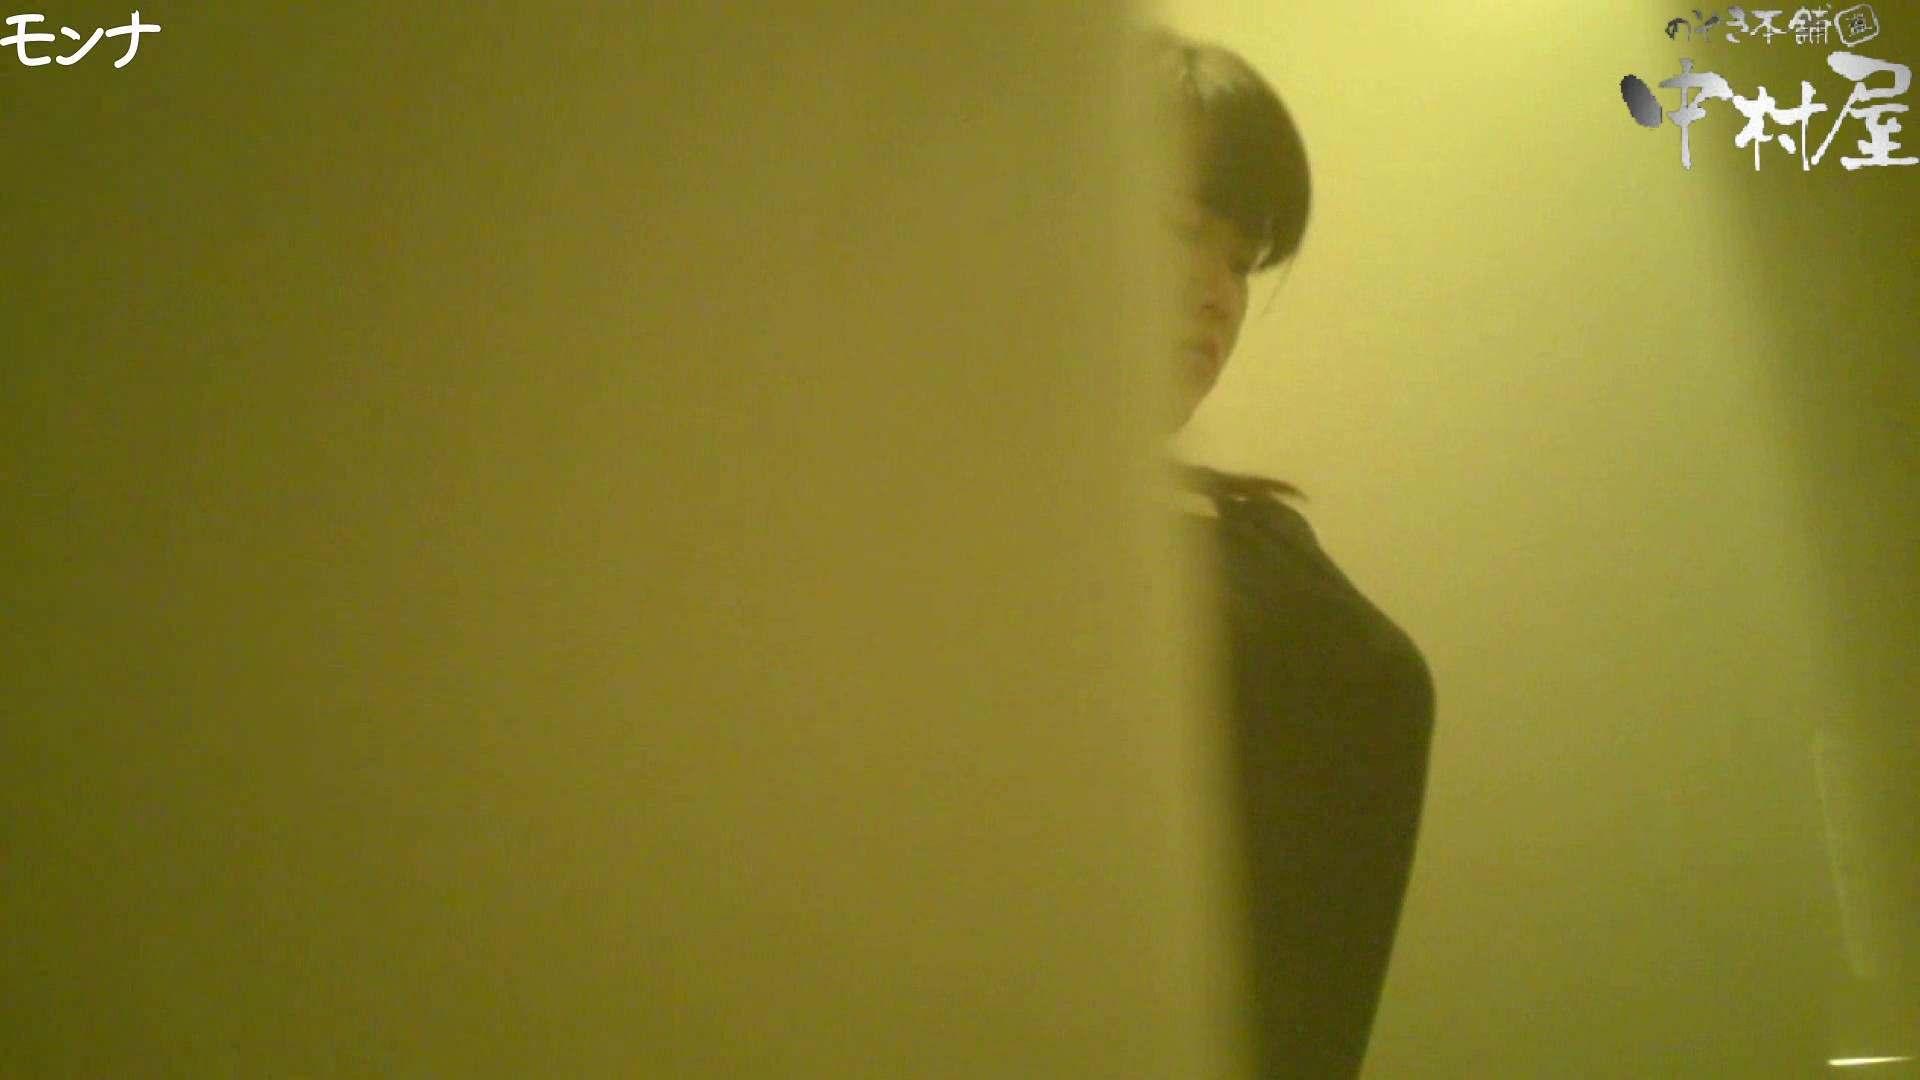 有名大学女性洗面所 vol.66 清楚系女子をがっつり!! OLセックス 盗み撮りSEX無修正画像 71画像 70